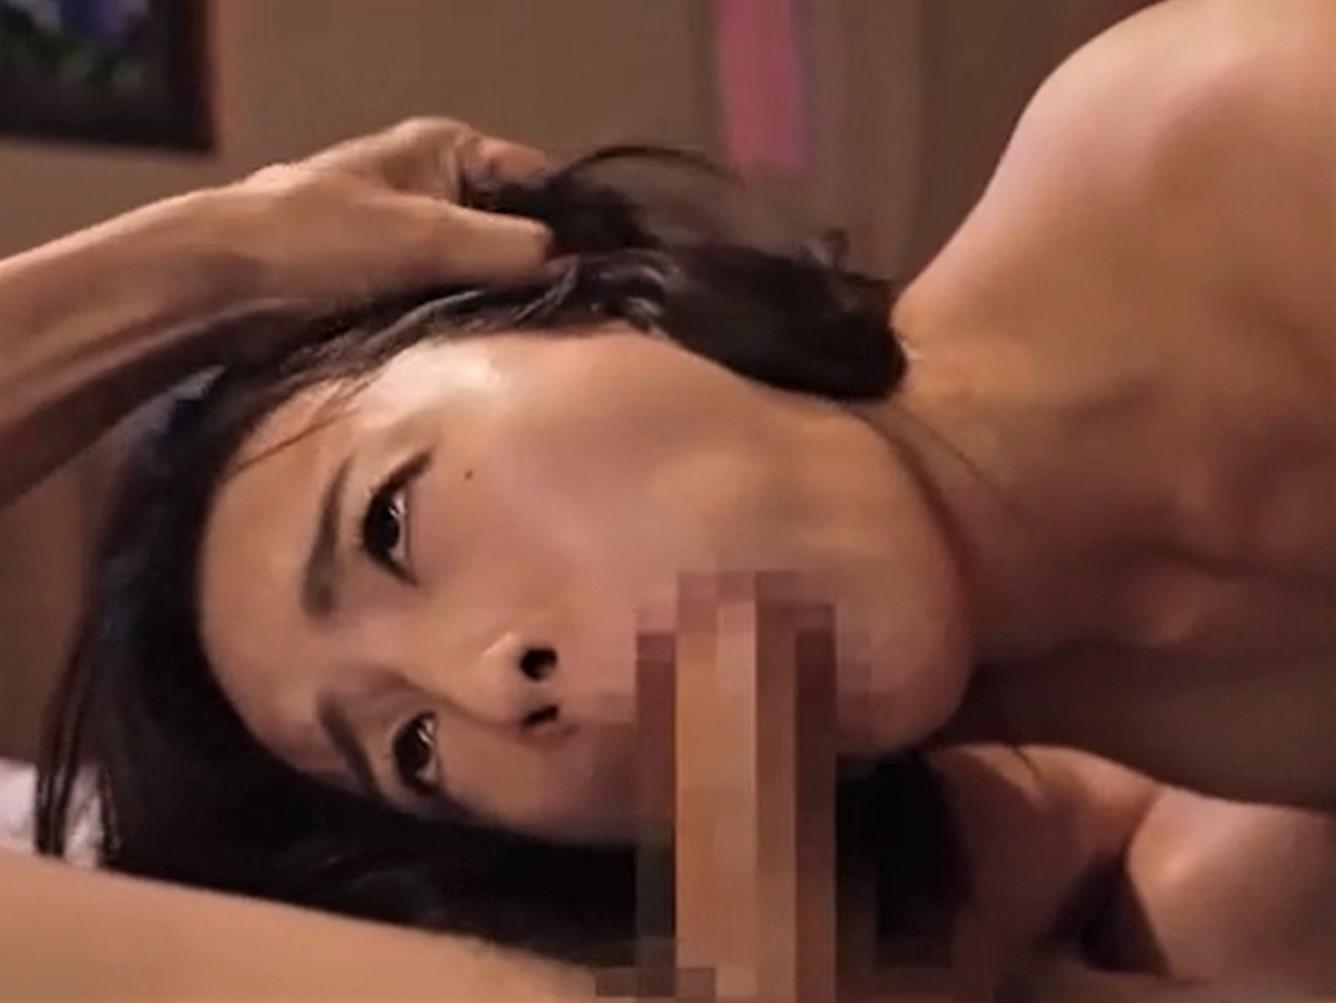 【向井藍】コンビニバイトの若妻が店長に調教されイラマチオで喉イキ!!